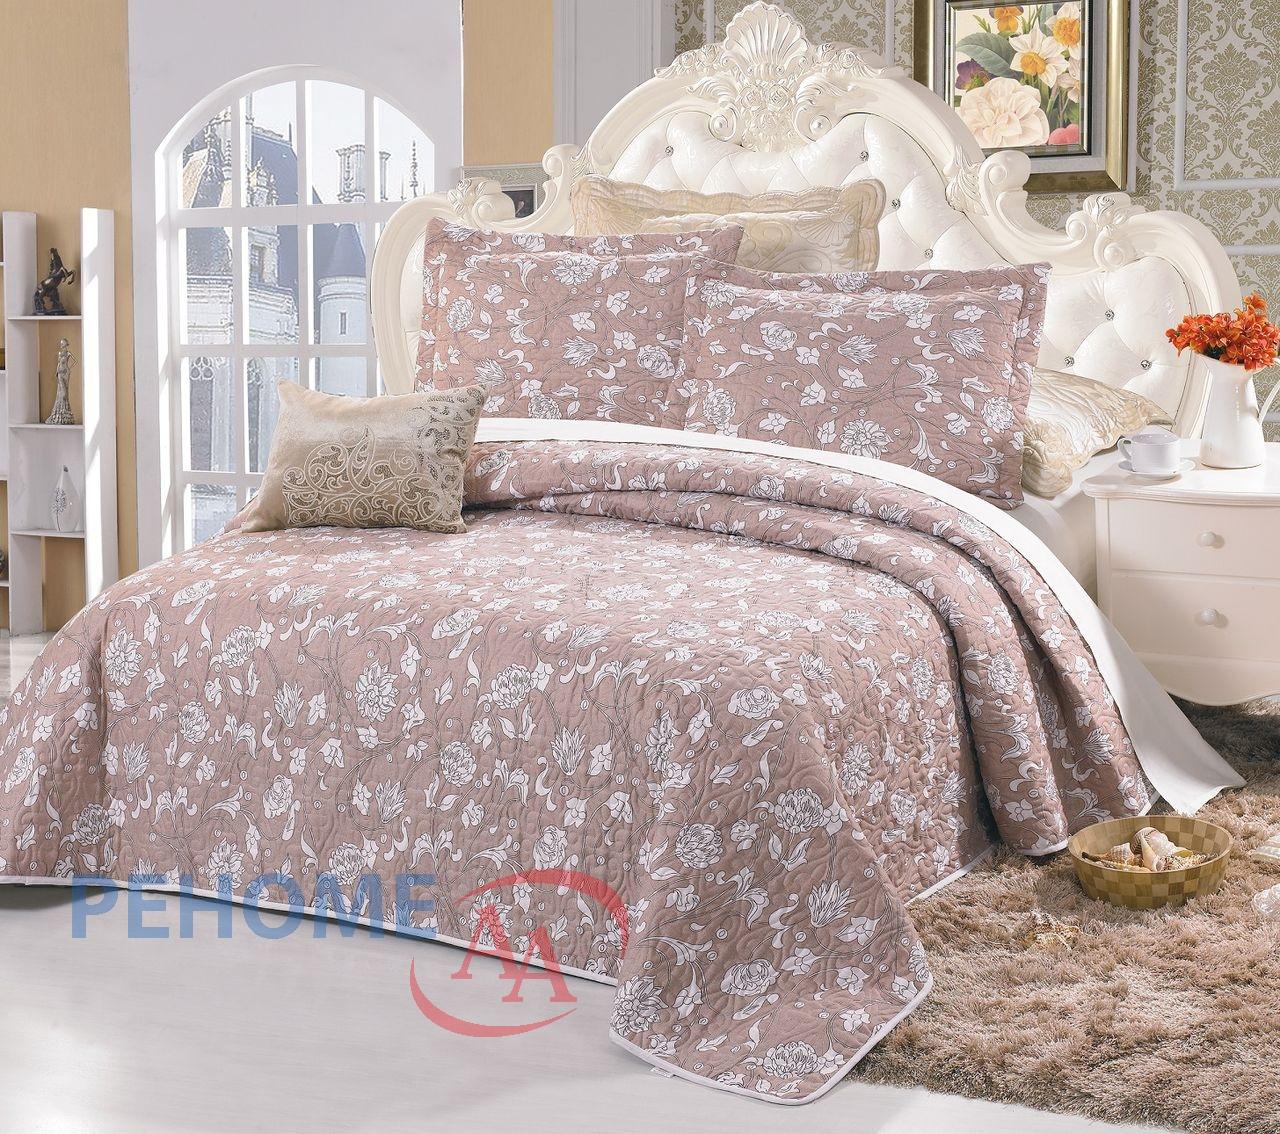 Сбор заказов. Уют и комфорт Вашего дома. Огромный выбор постельного белья и принадлежностей для сна, в том числе и для детской кроватки (бортики, балдахины, карманы на кроватку и КПБ)А так же полотенца, покрывала, пледы,чехлы на мебель и халаты -3[/